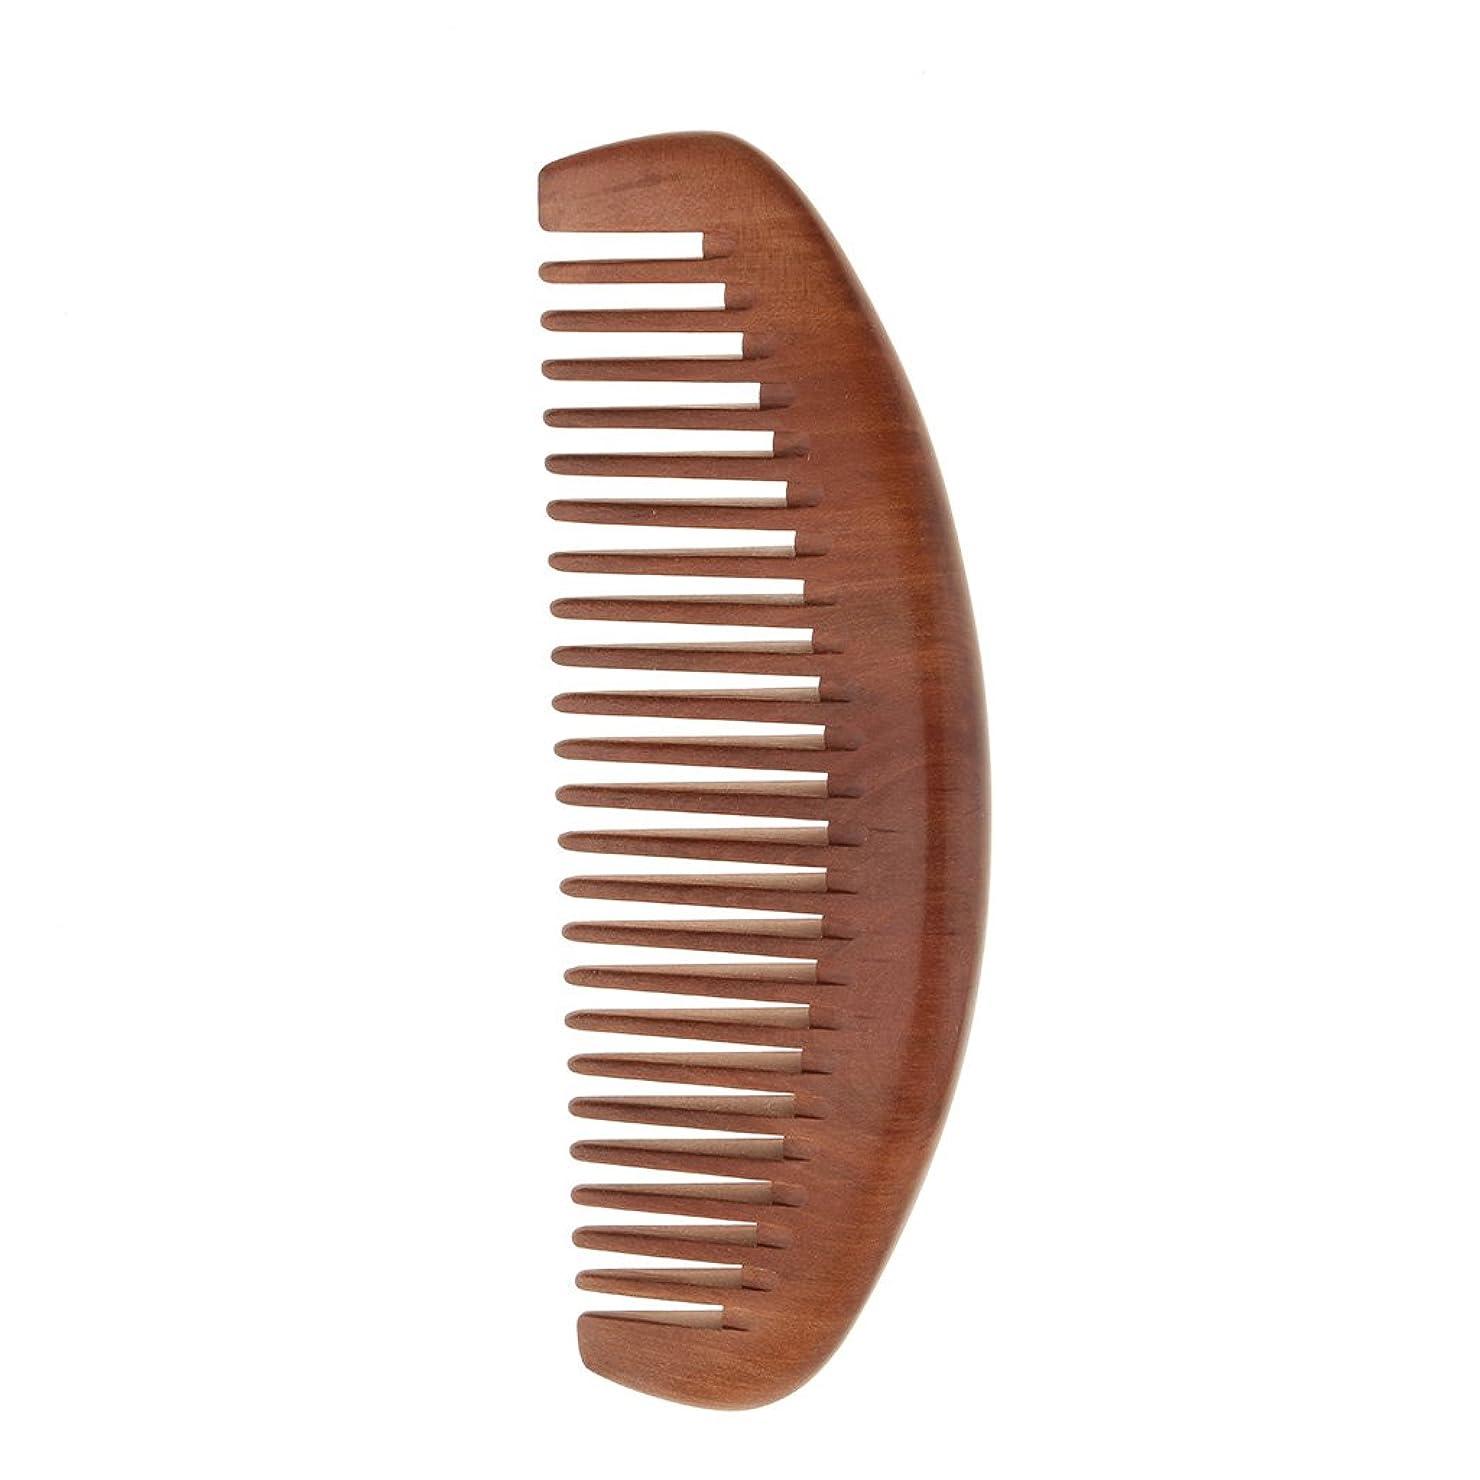 プラスチック歩行者ラバDYNWAVE 櫛 セットコーム 木製 ヘアコーム ヘアケア 頭皮マッサージ 静電気防止 桃の木 全2種類 - ワイド歯